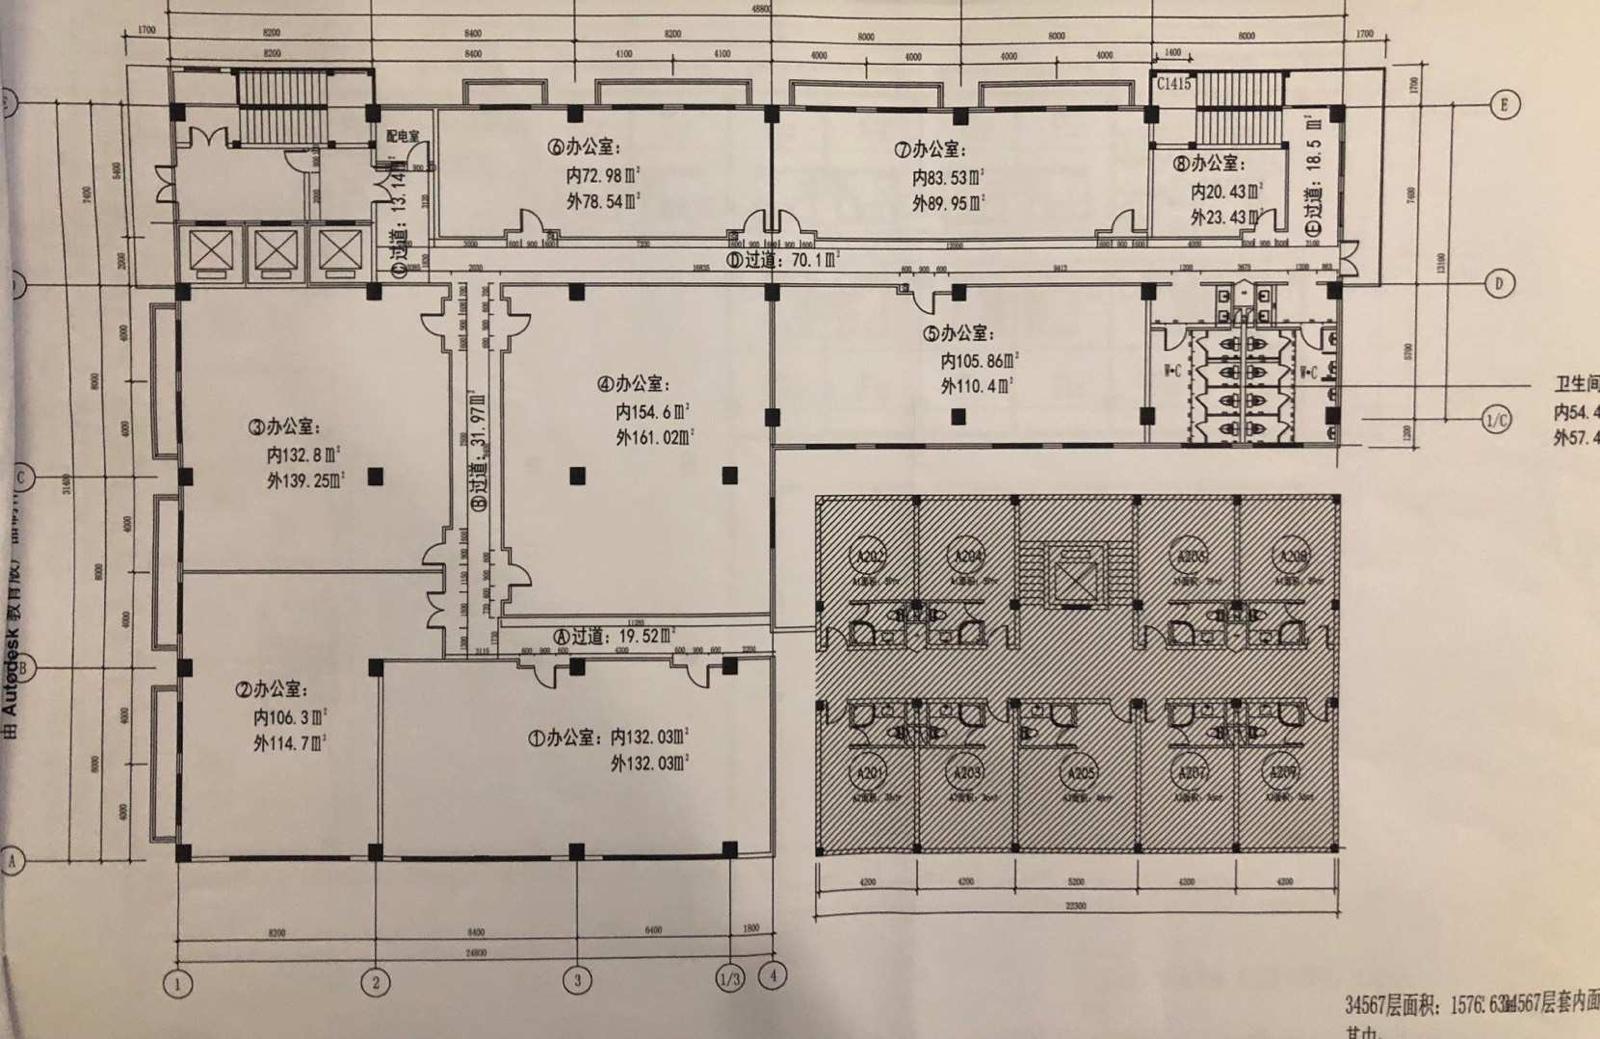 西哈努克市新永利酒店·赌场·写字楼现火热招租